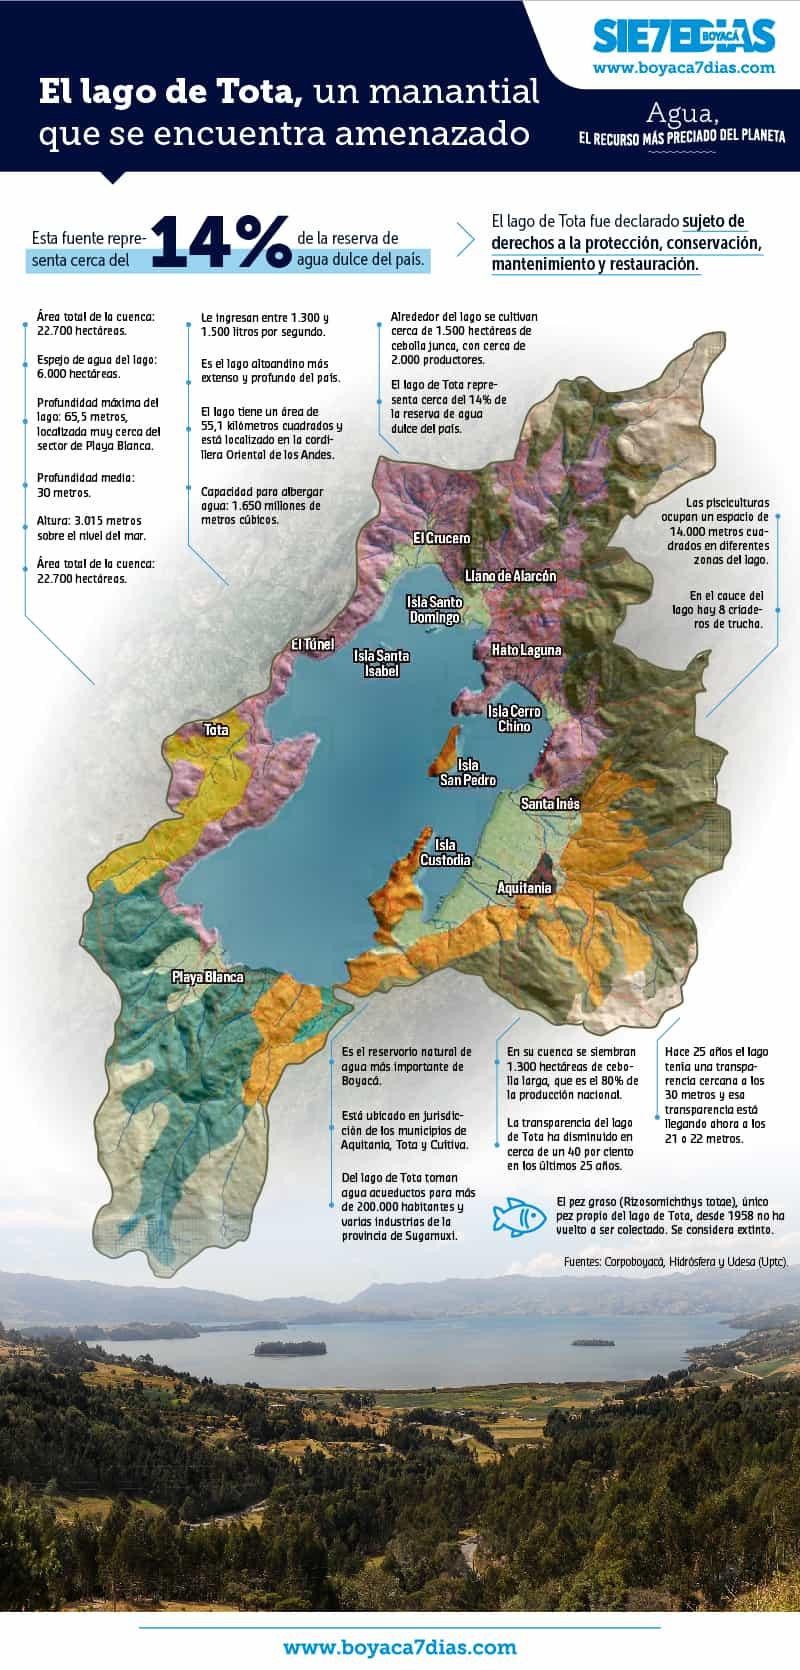 Boyacá Sie7e Días en defensa del lago de Tota 8